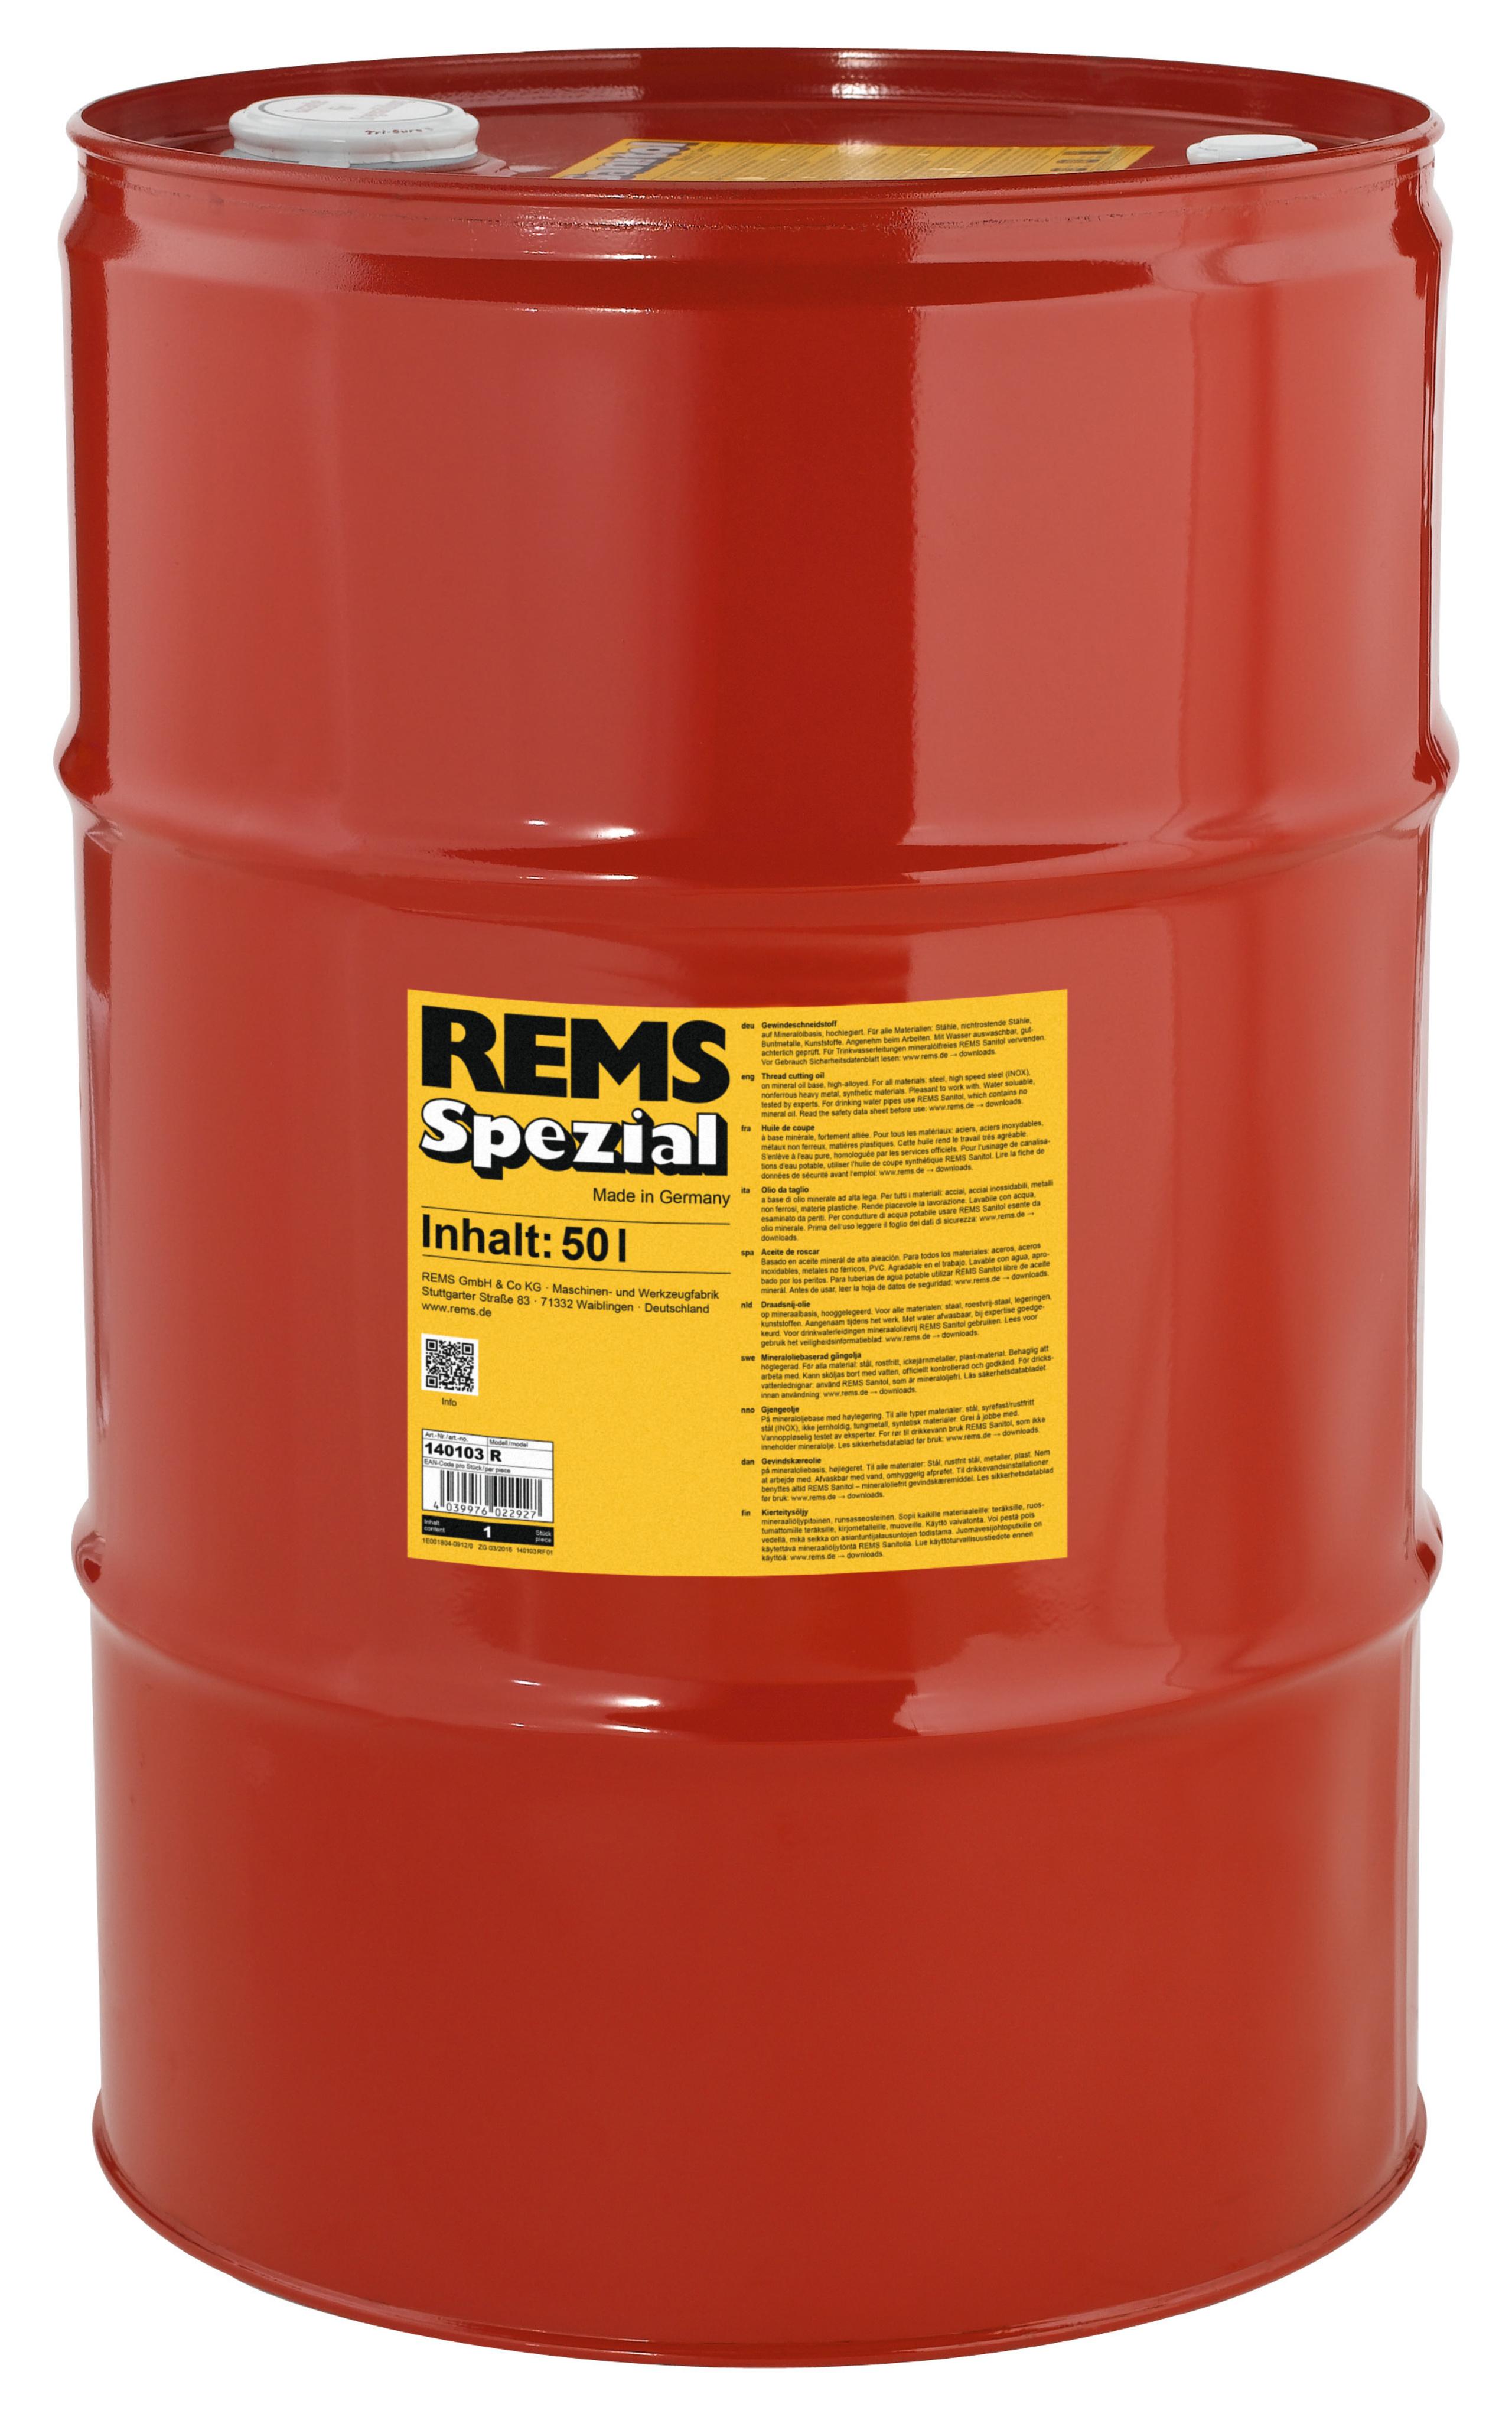 <br/>REMS Spezial